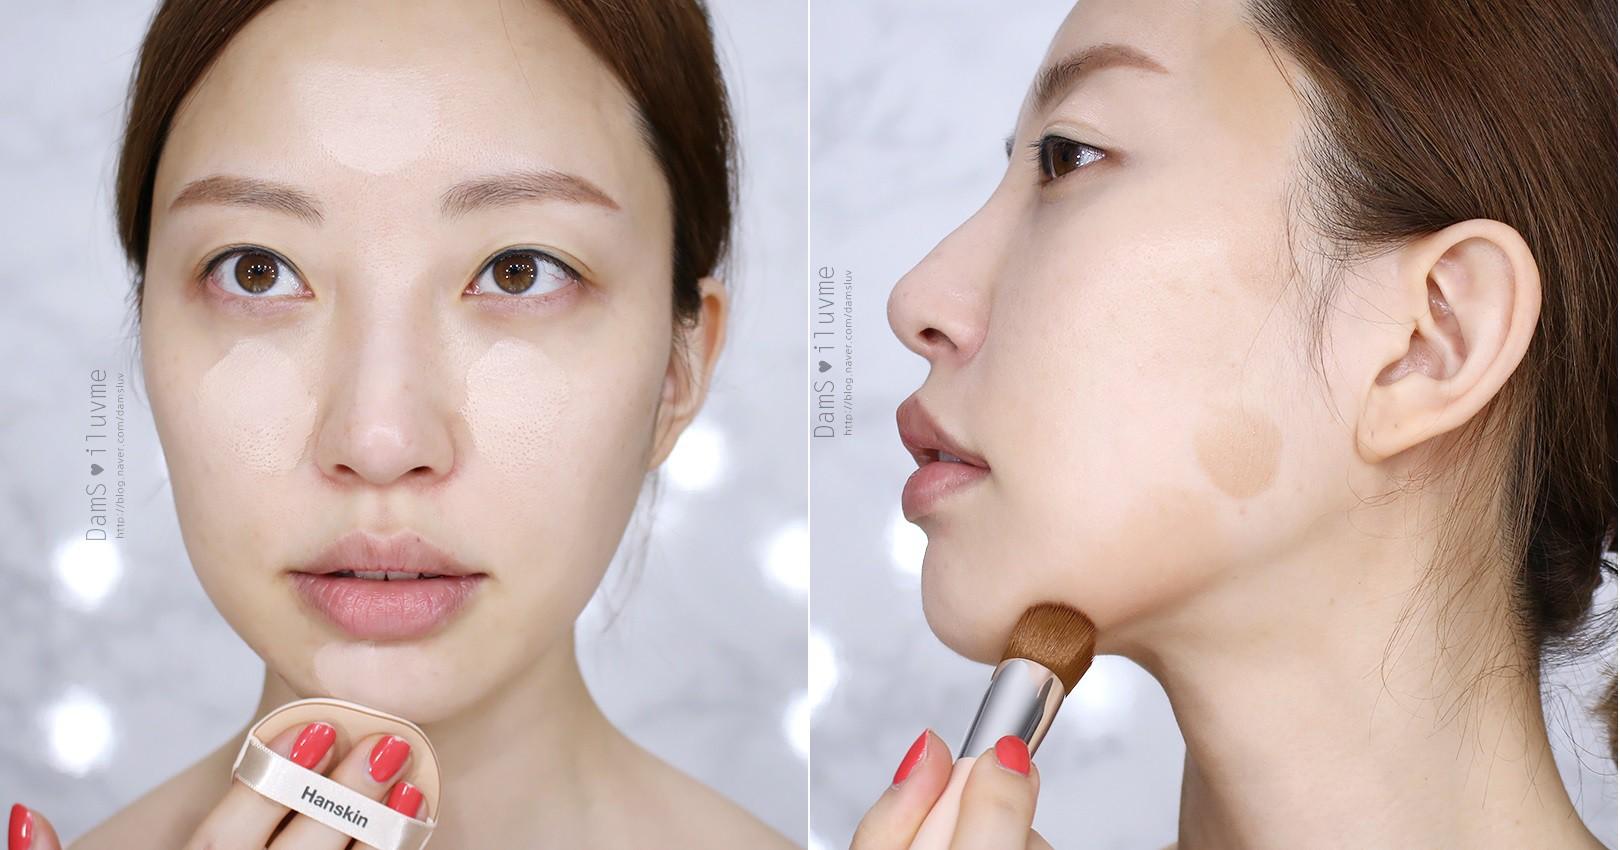 Bí kíp giúp con gái Hàn lúc nào cũng xinh đẹp rạng ngời, hóa ra nằm ở chính những món mỹ phẩm tích hợp - Ảnh 8.